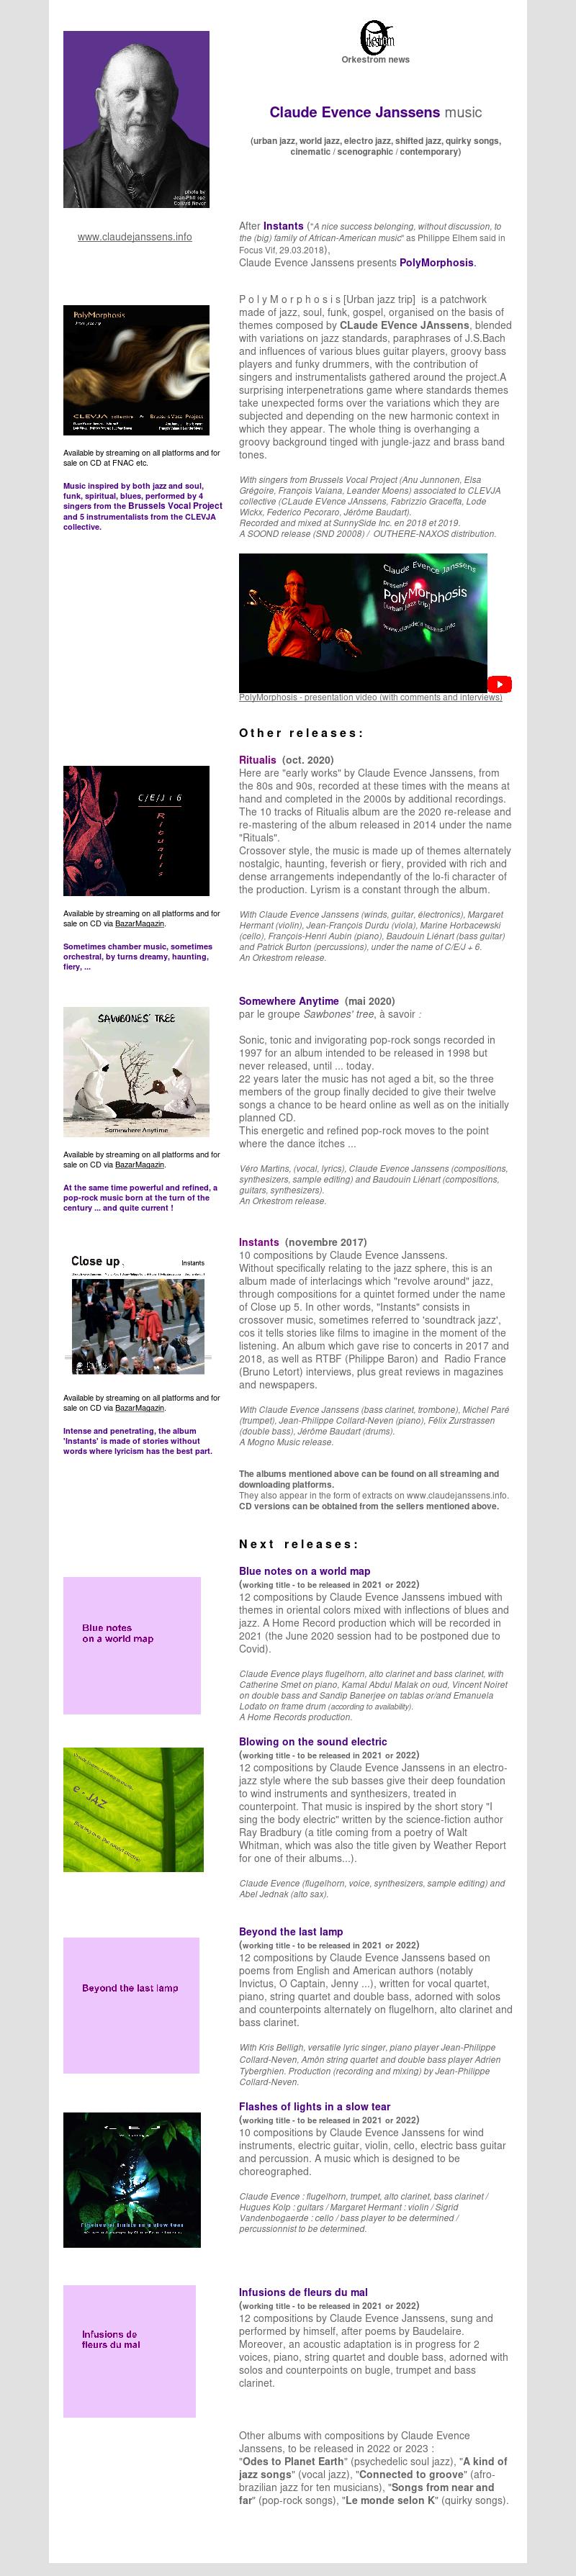 Newsletter nov. 2020 - EN.png